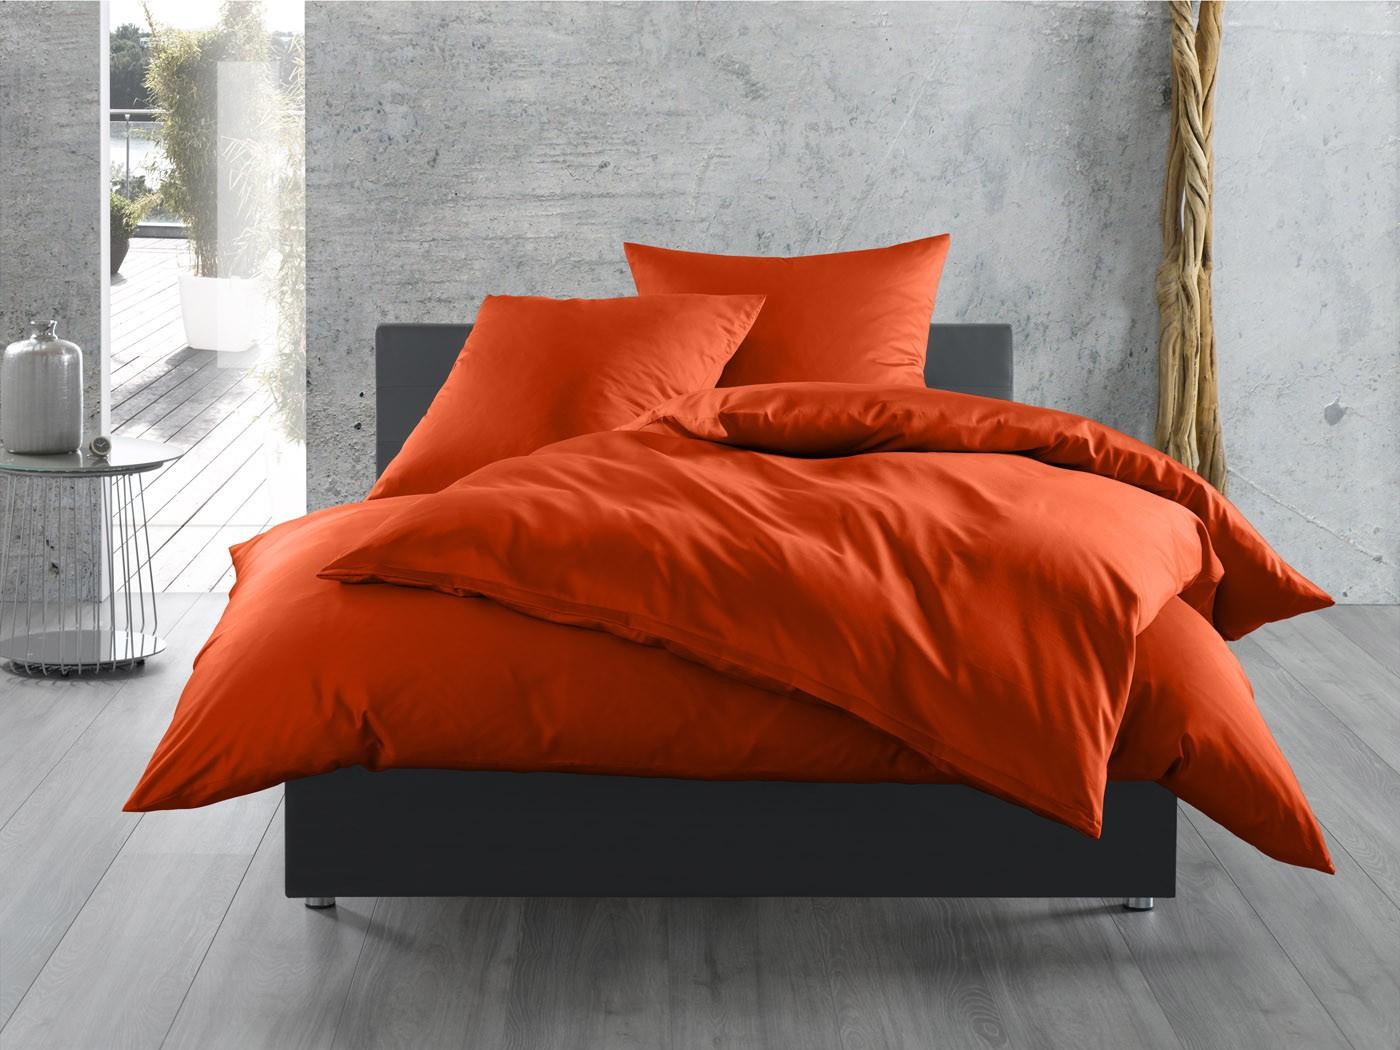 mako satin bettw sche uni einfarbig orange online kaufen. Black Bedroom Furniture Sets. Home Design Ideas